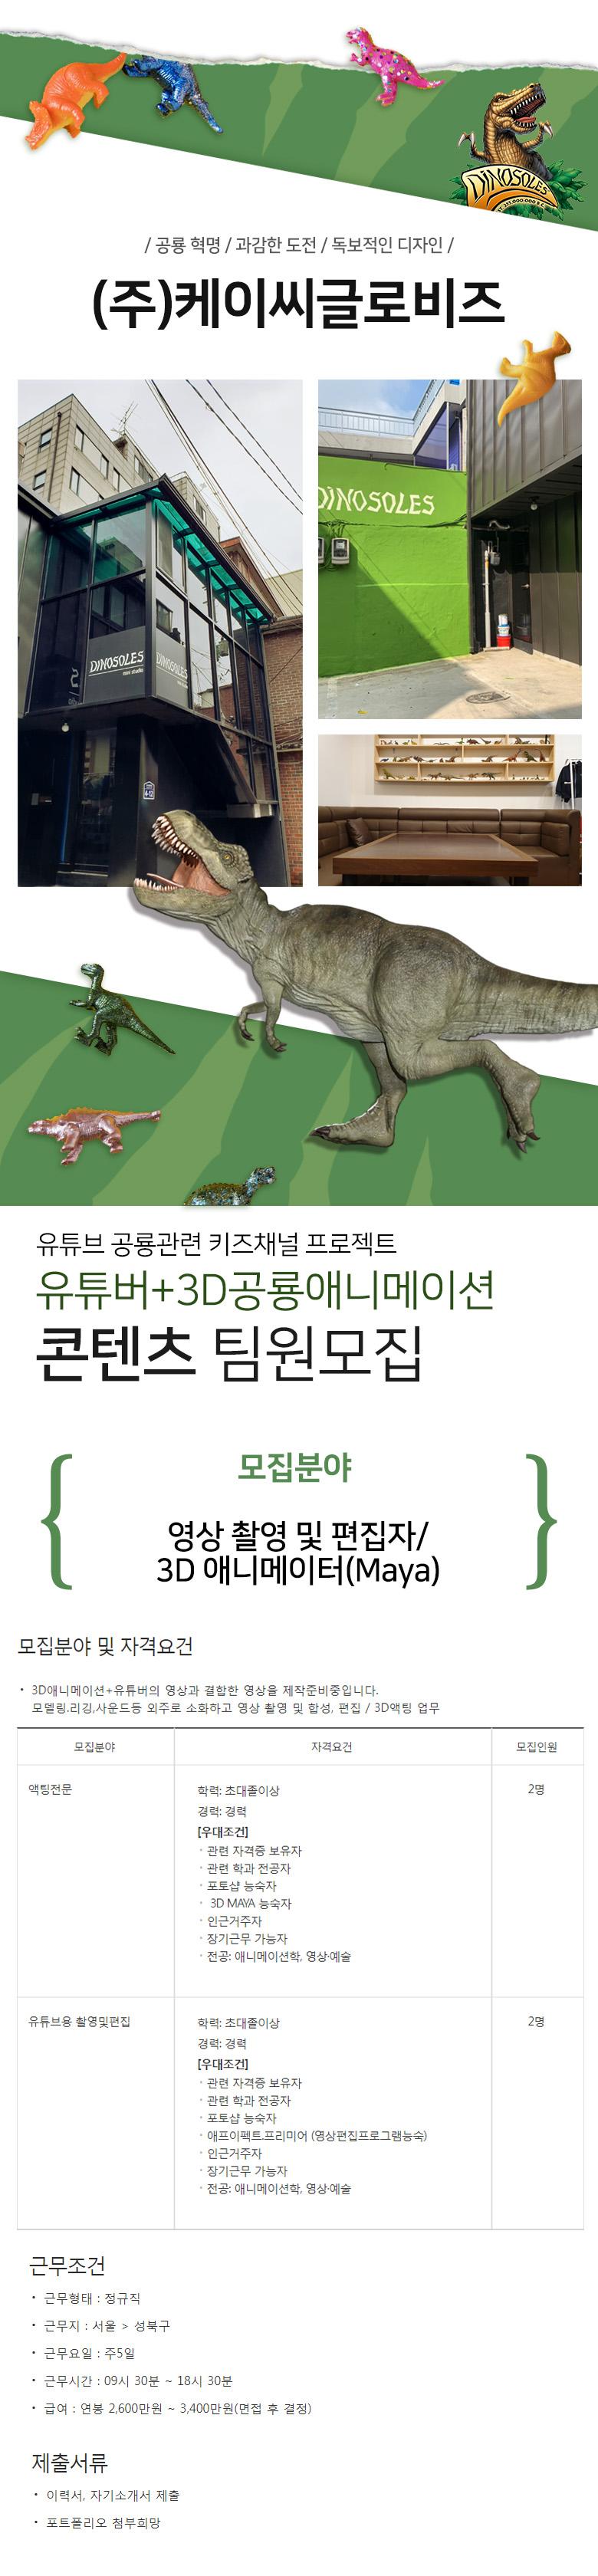 회사채용배너_3D_.jpg